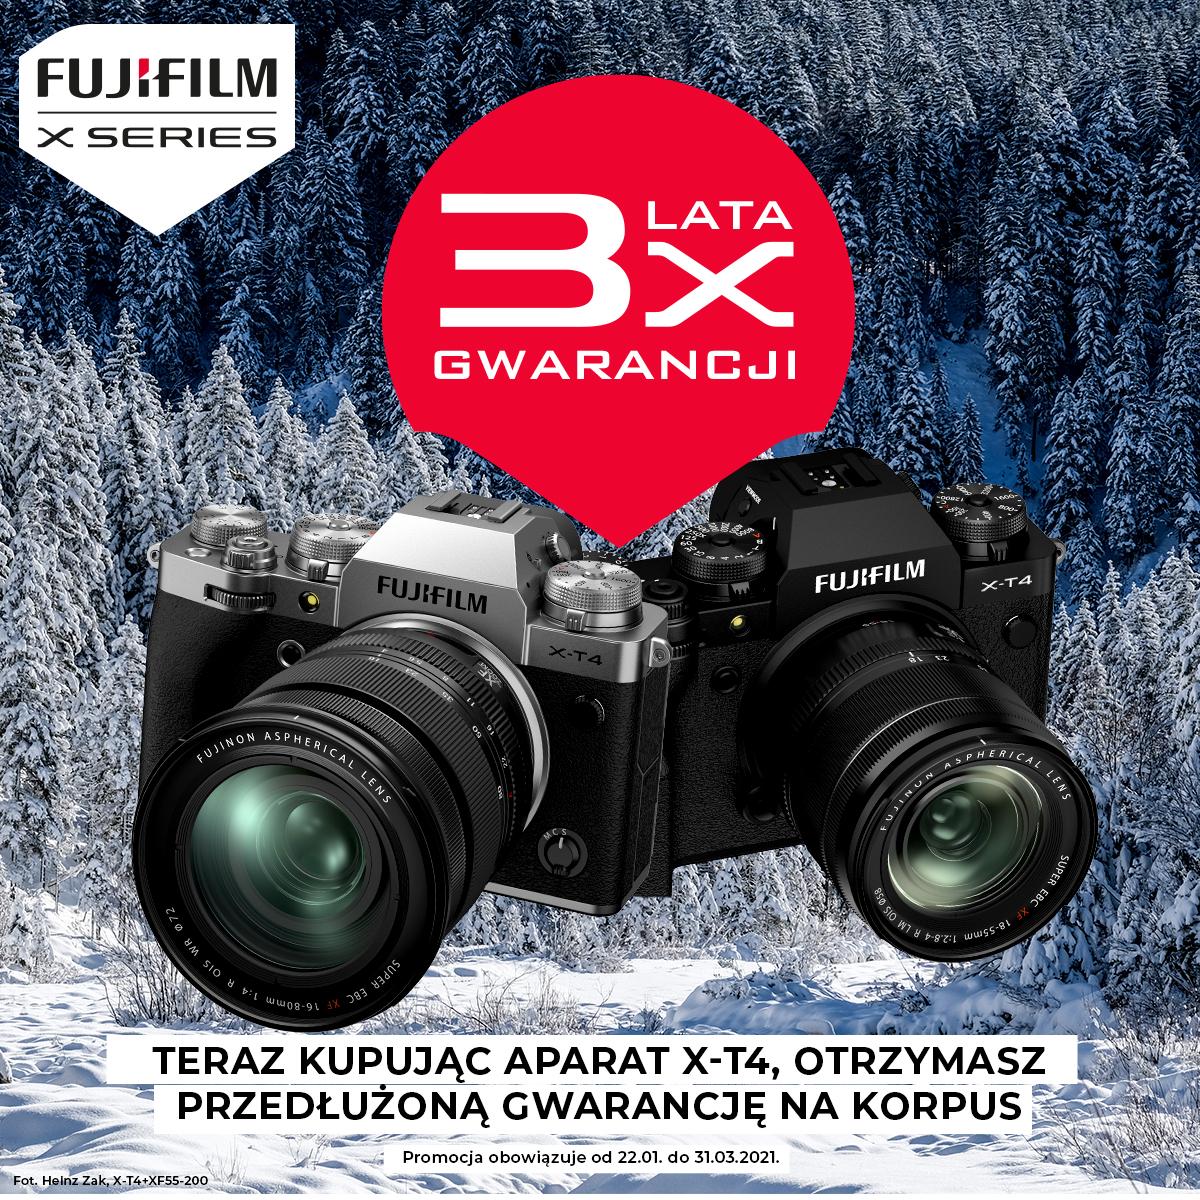 fujifilm x-t4, wydłużona gwarancja x-t4